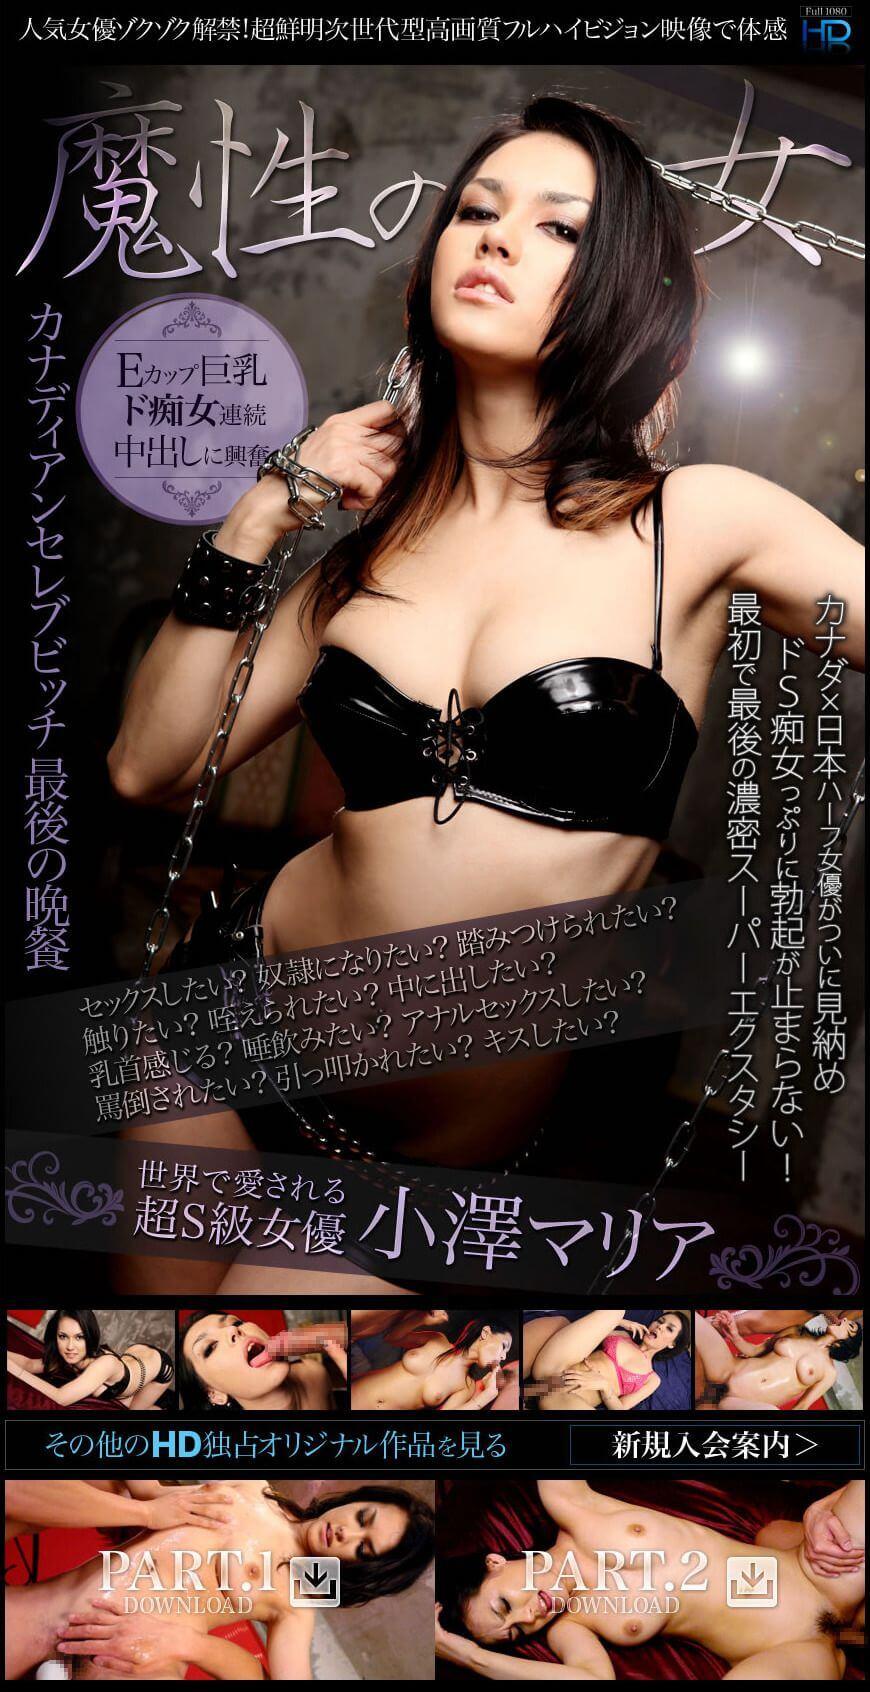 小澤マリア トリプルエックス 拘束ぶっかけ!喘ぎ声が可愛いハーフ痴女 無修正